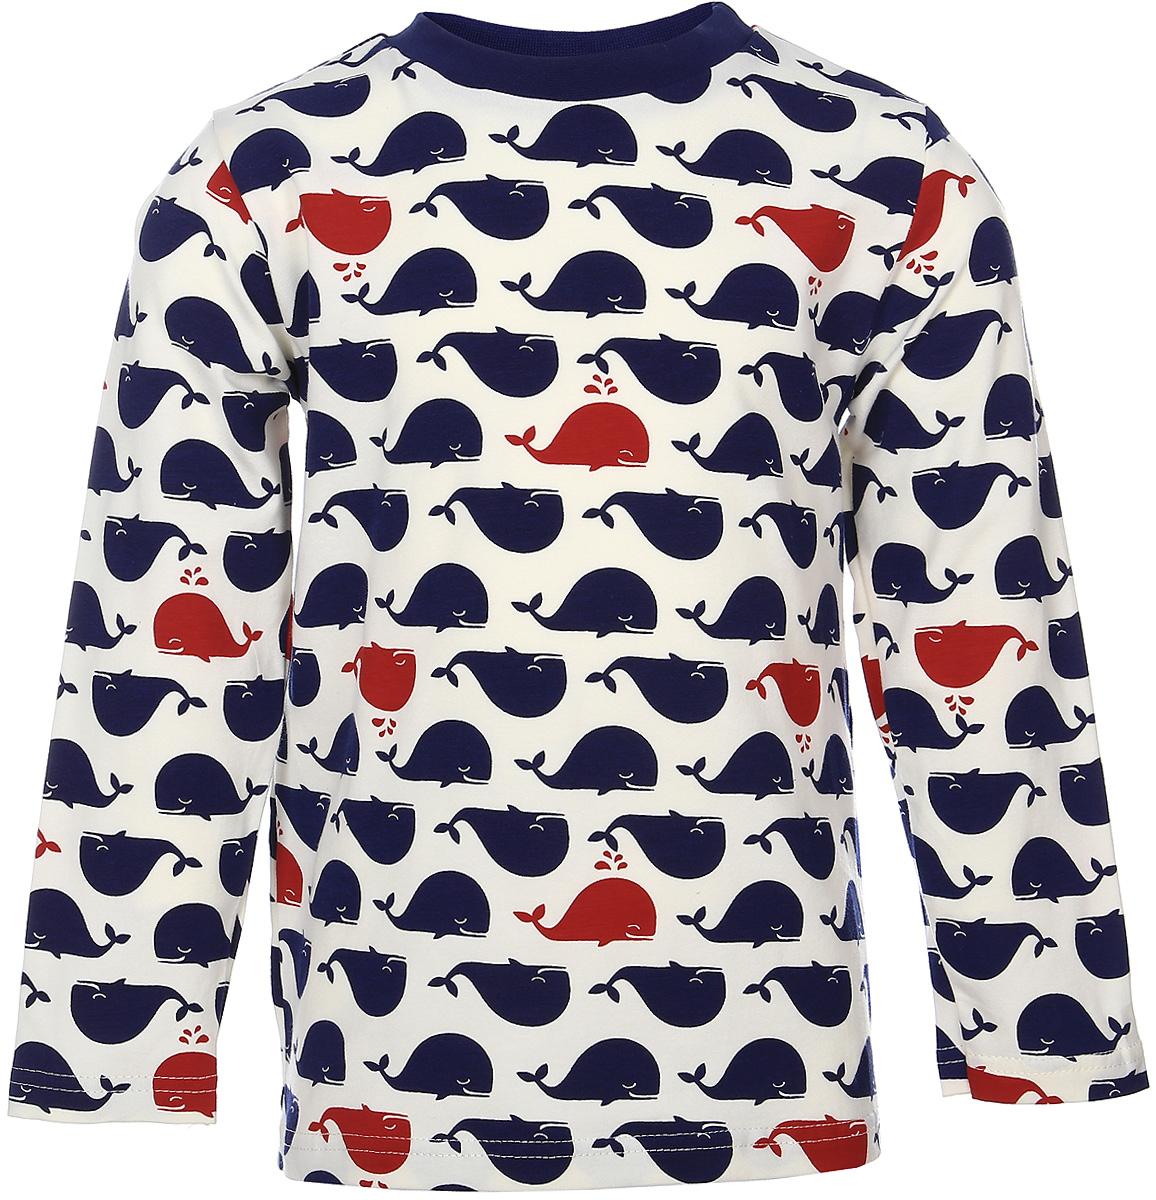 Лонгслив15947Лонгслив для девочки КотМарКот Киты с круглым вырезом горловины и длинными рукавами изготовлен из эластичного хлопка. Горловина дополнена эластичной трикотажной вставкой. Лонгслив оформлен принтом с изображением китов.